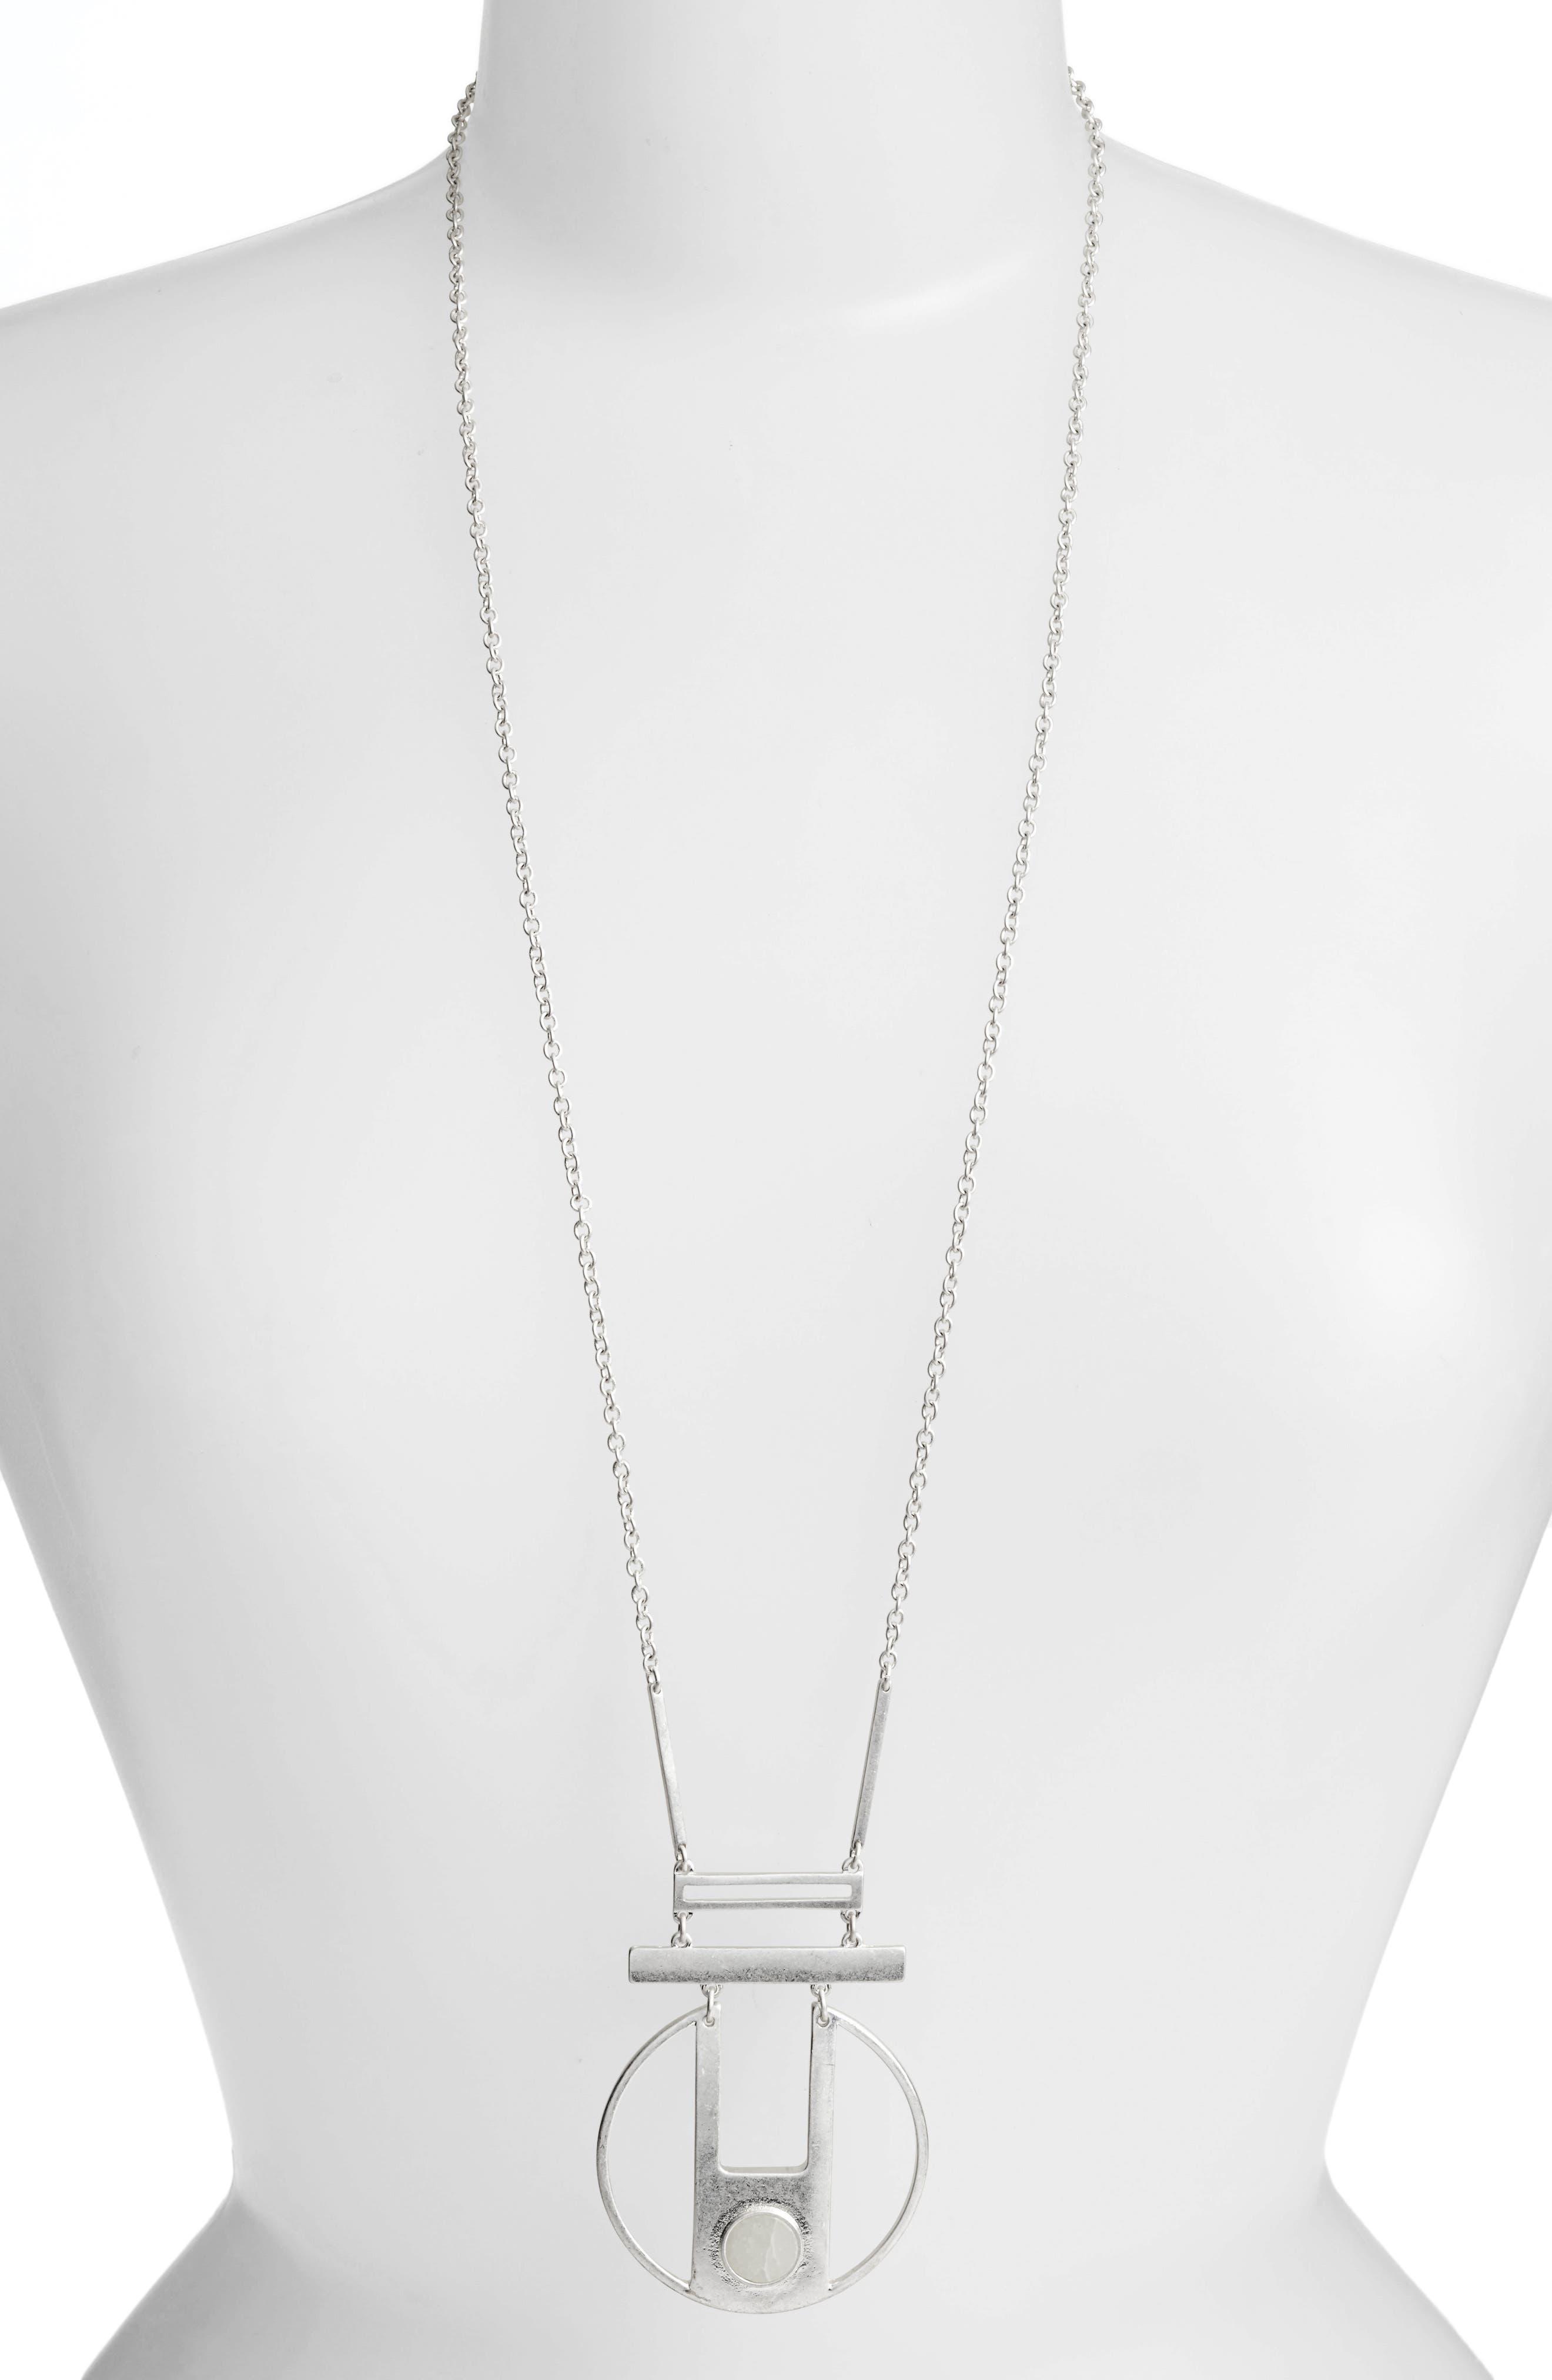 Danielle Nicole Opal Pendant Necklace